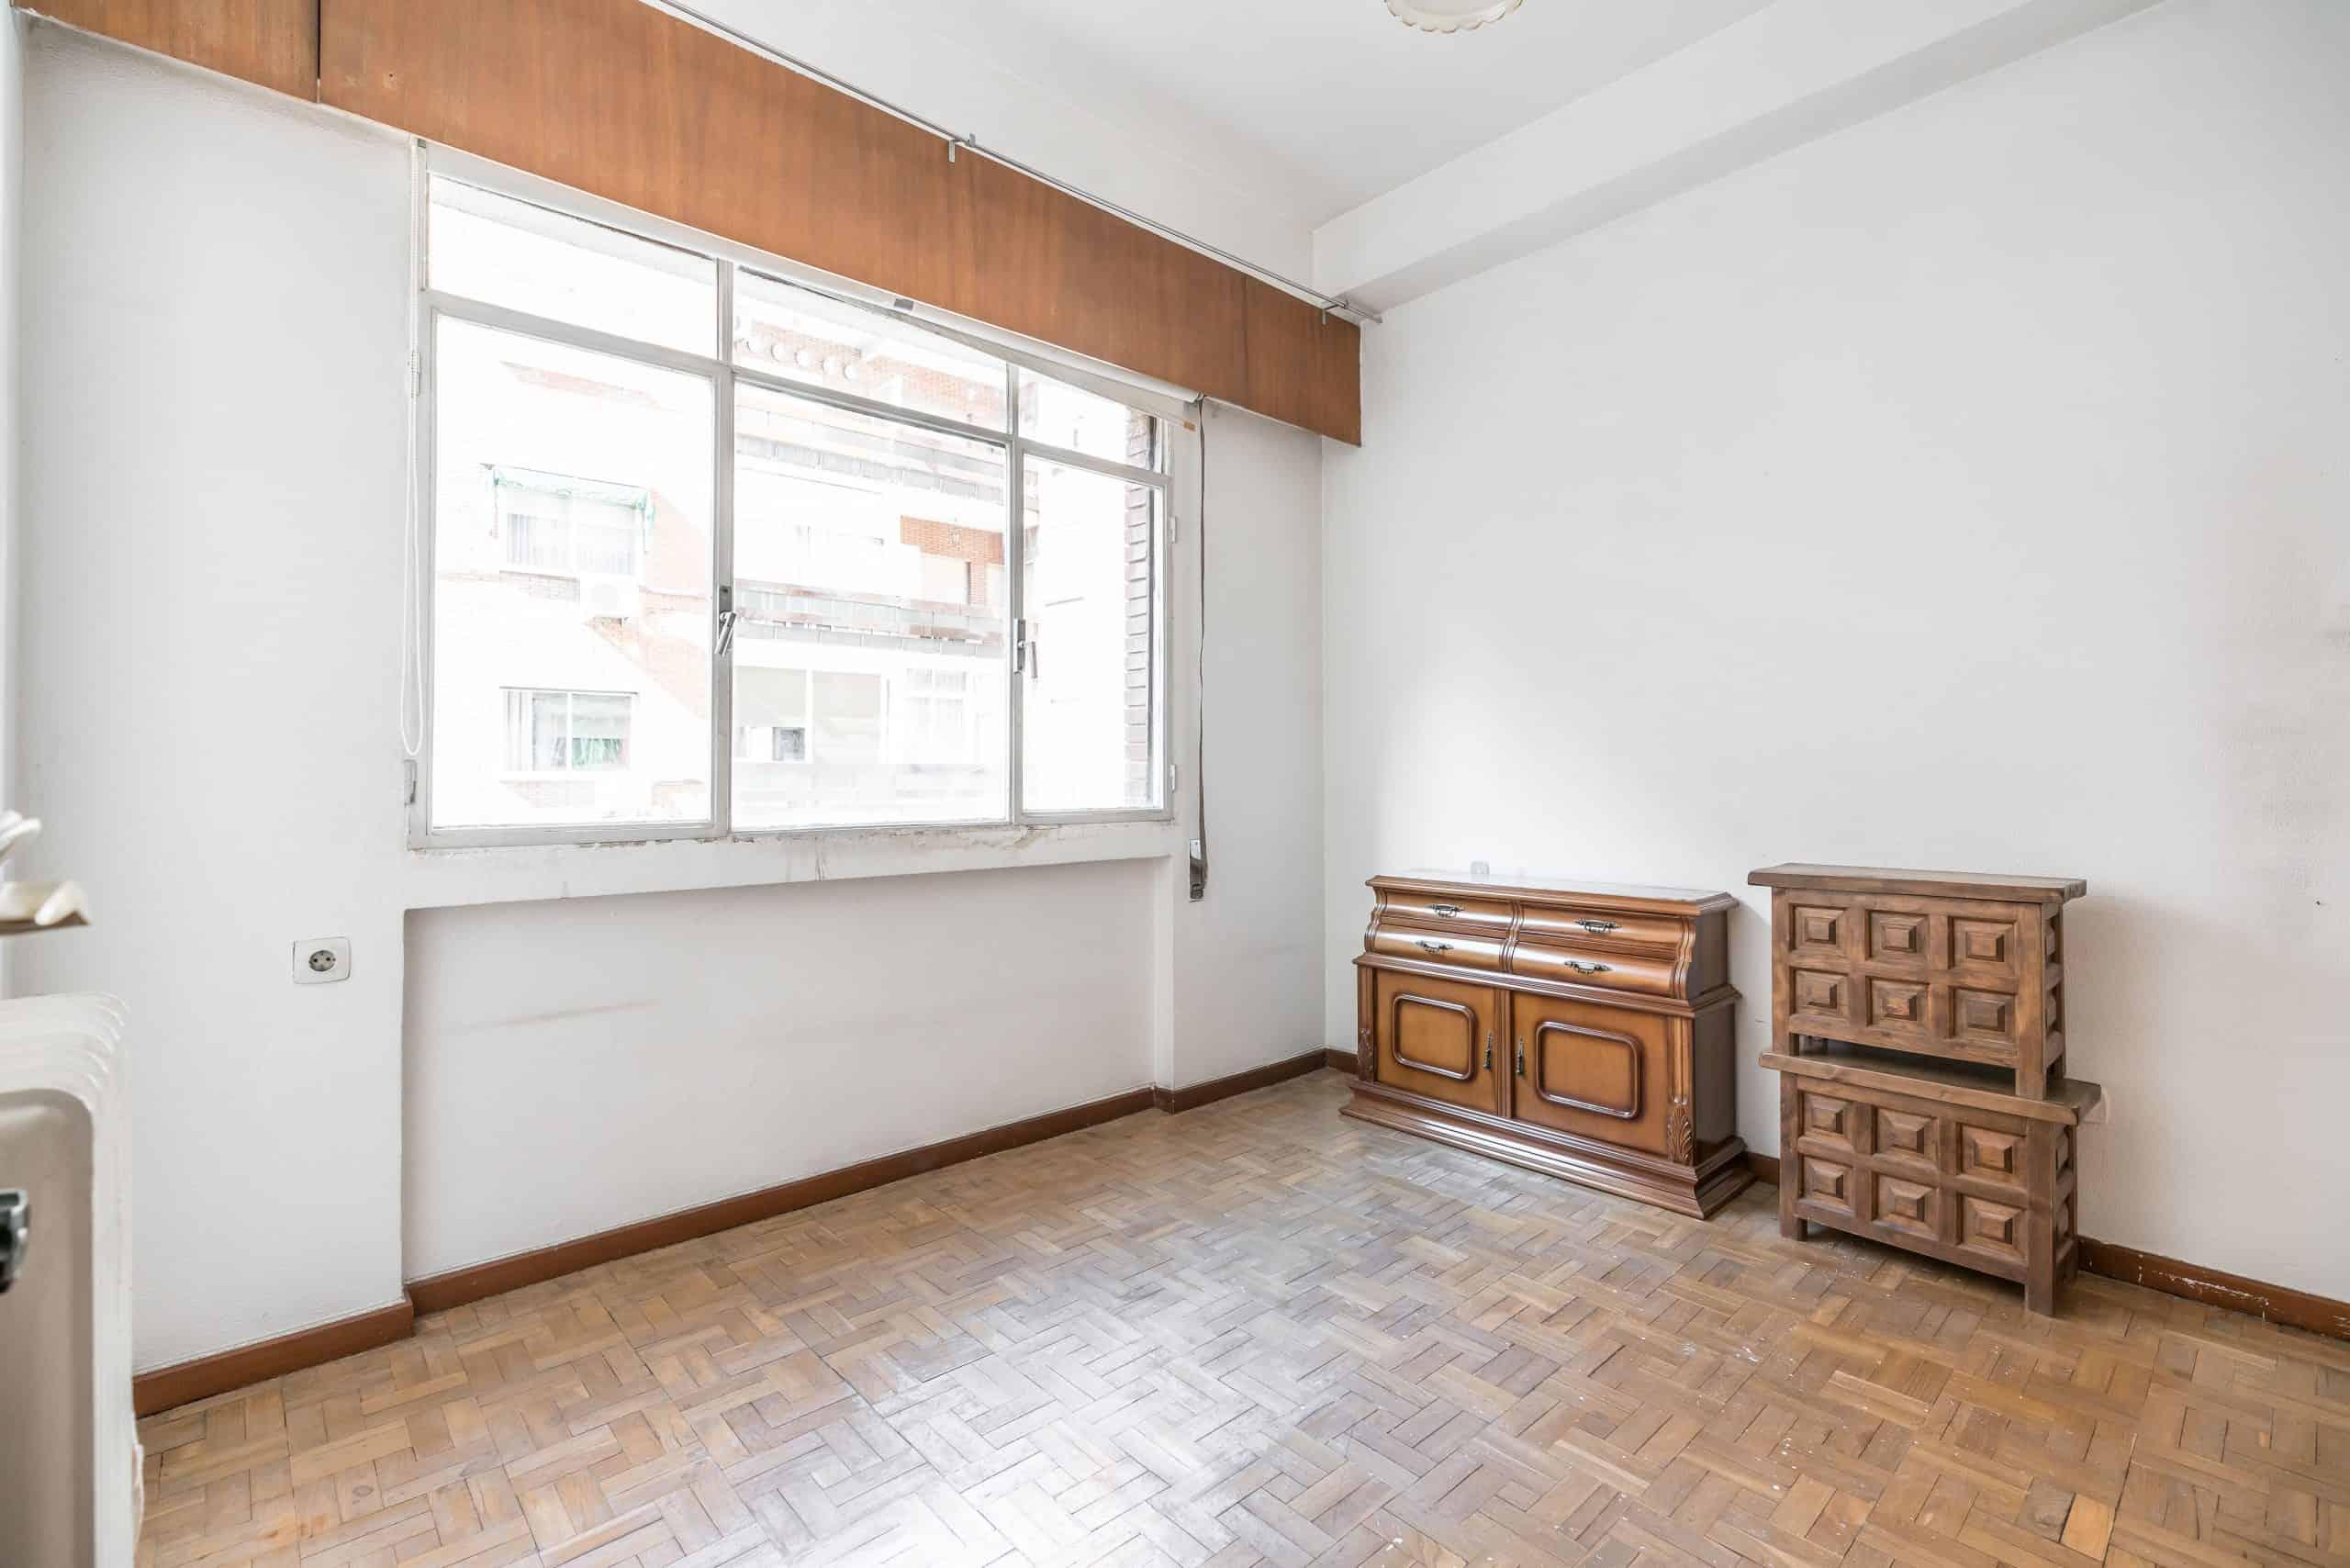 Agencia Inmobiliaria de Madrid-FUTUROCASA-Zona ARGANZUELA-EMBAJADORES-LEGAZPI -calle EMBAJADORES 108-DORMITORIO1 (1)